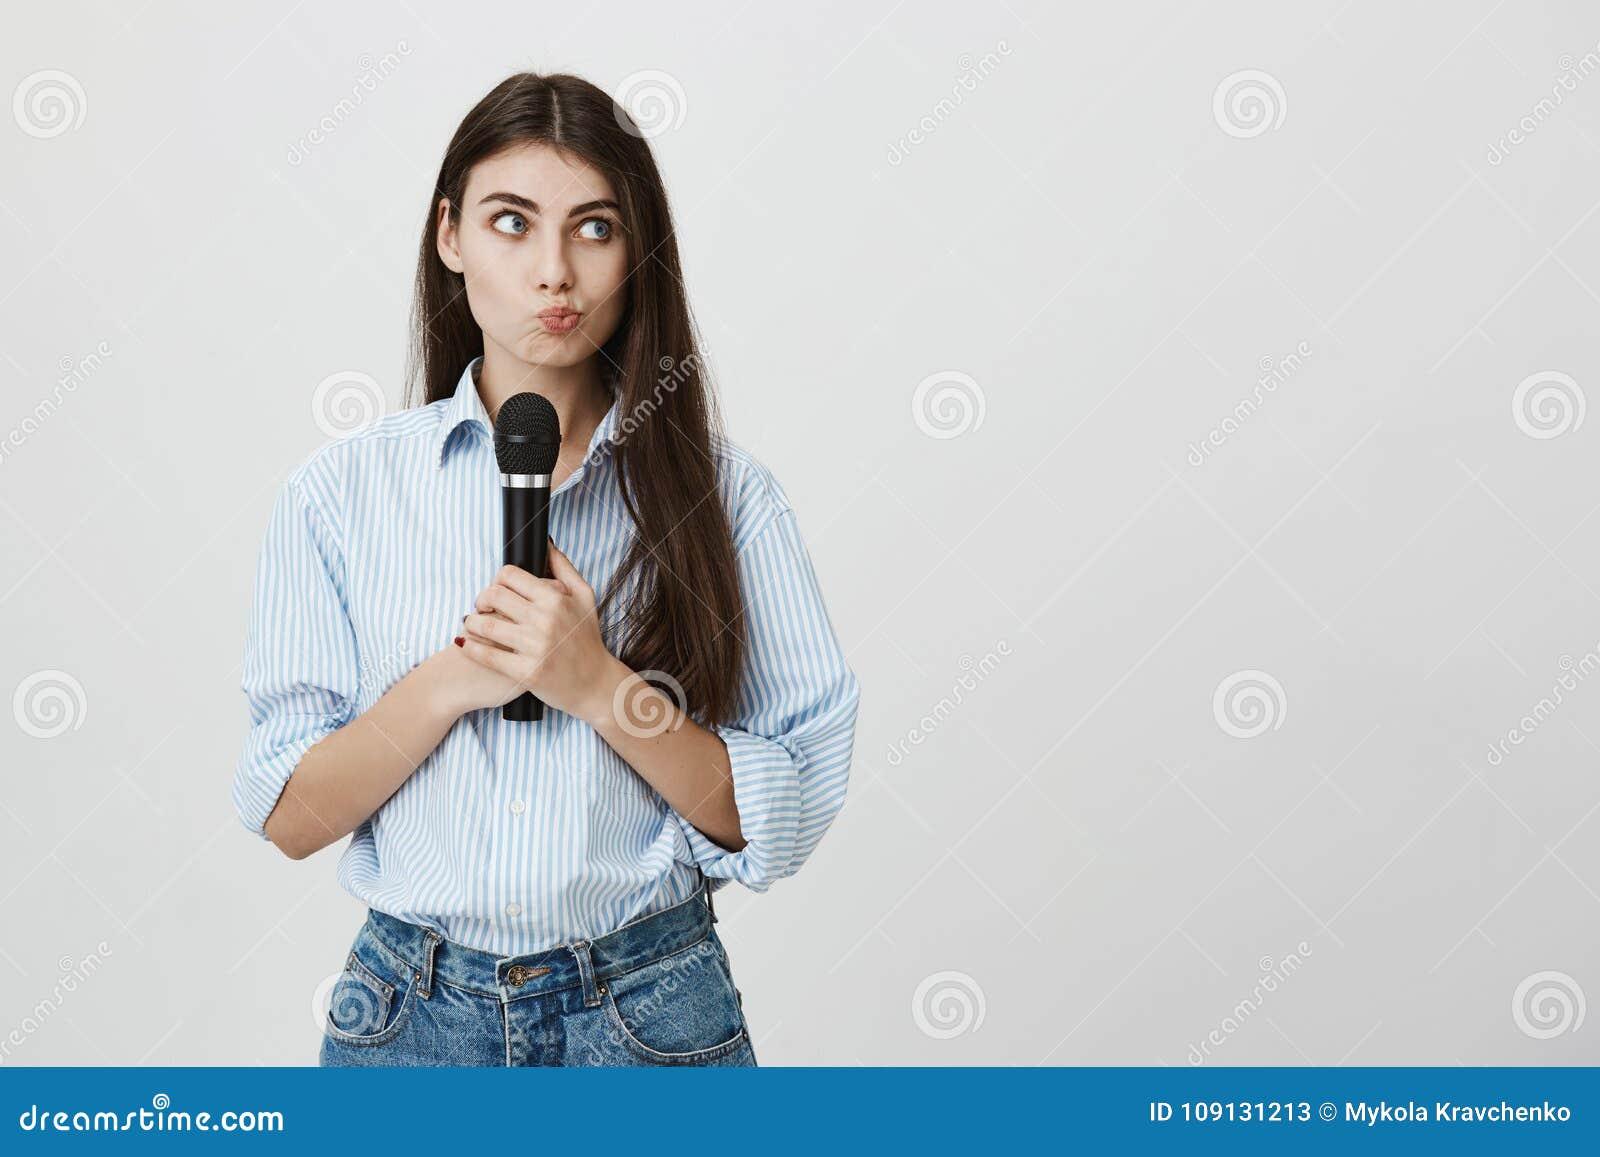 Retrato interno da jovem mulher perplexo e questionada, guardando o microfone ao pensar e ao olhar de lado, estando